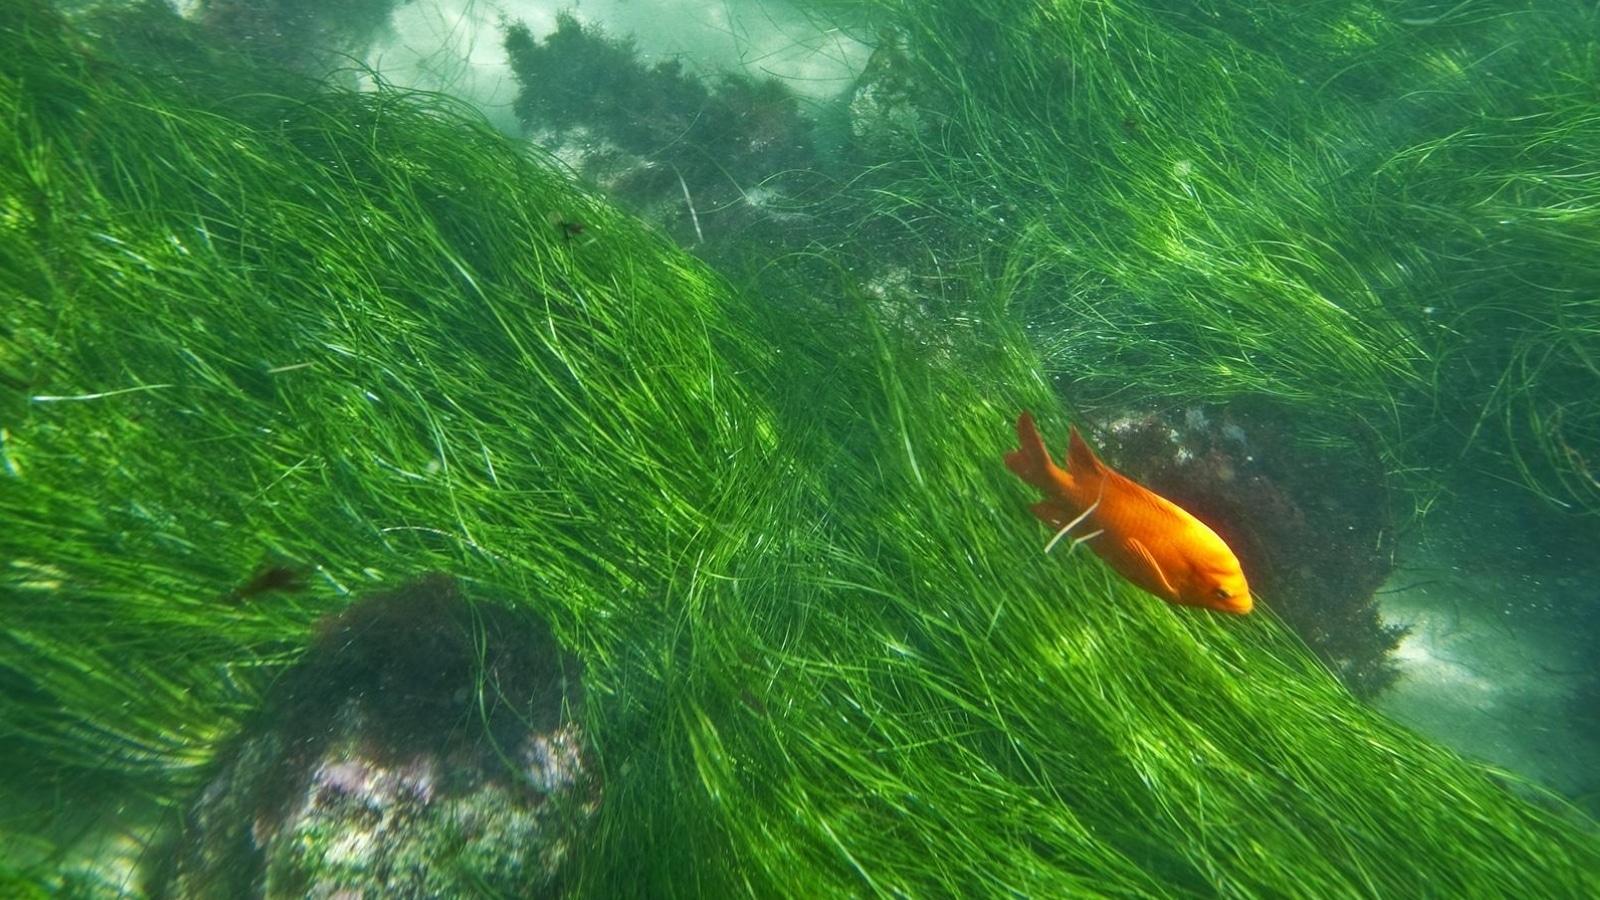 A Garibaldi fish swims through seagrass in the La Jolla Underwater Park.